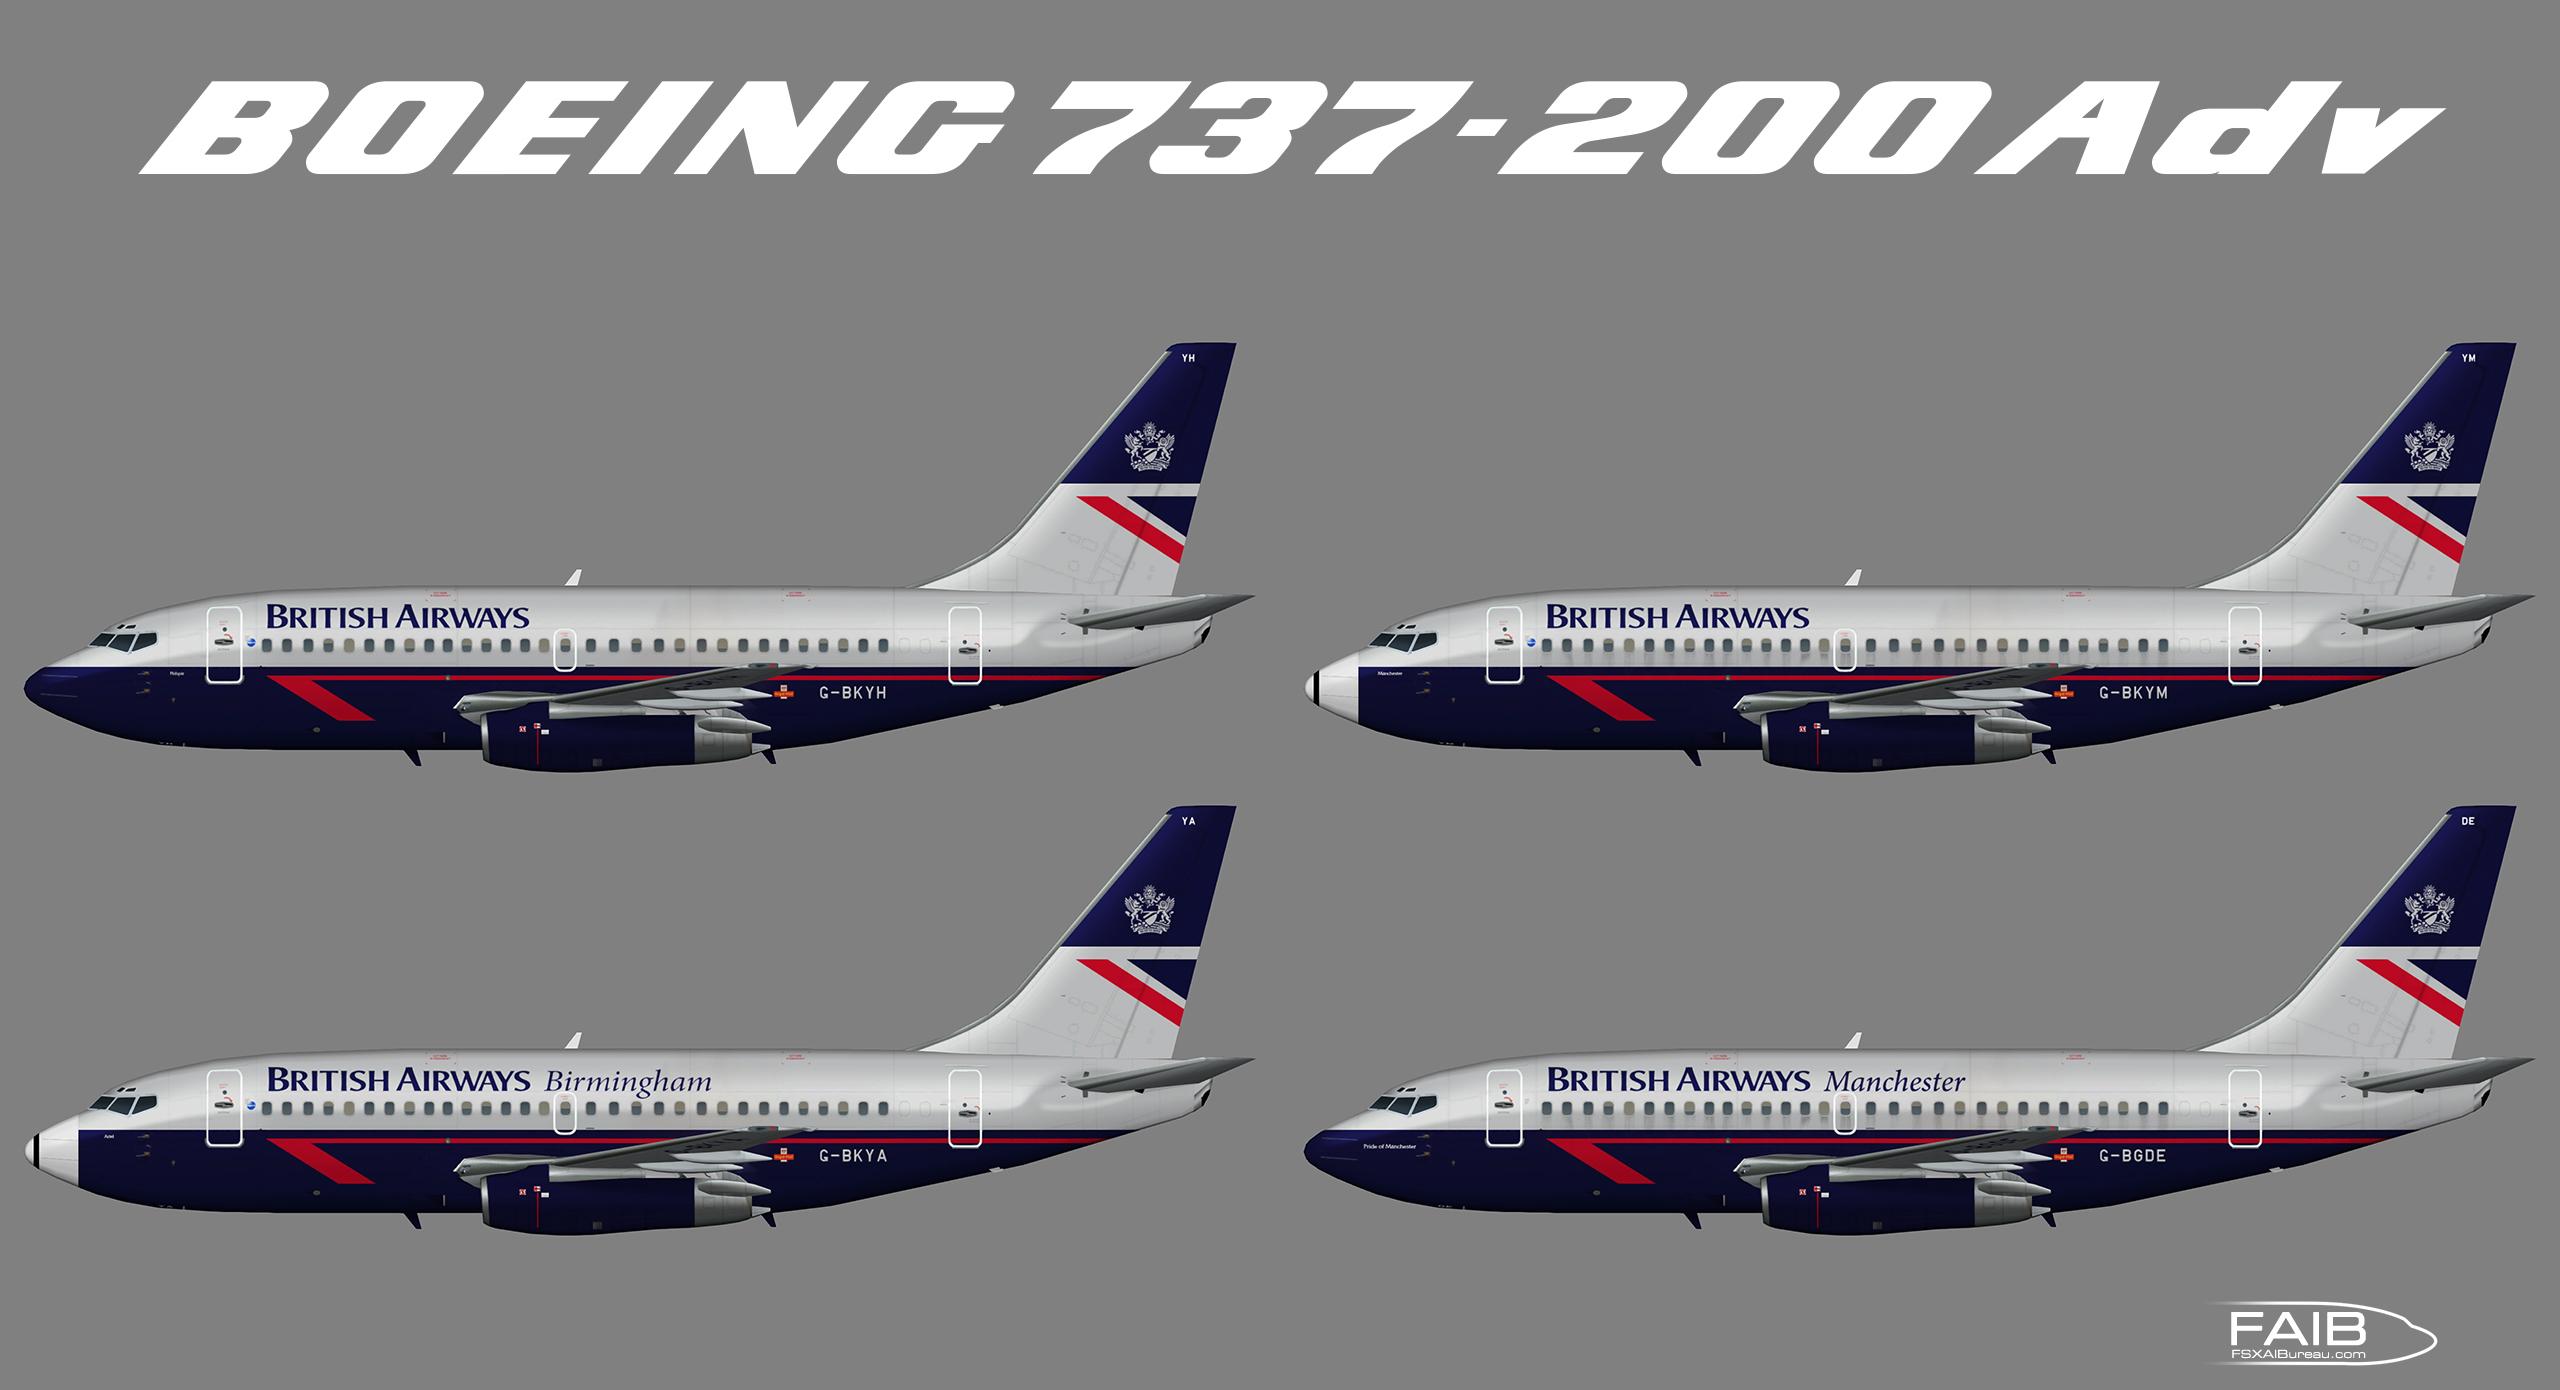 """British Airways """"Landor"""" Boeing 737-200Adv – Juergen's paint"""